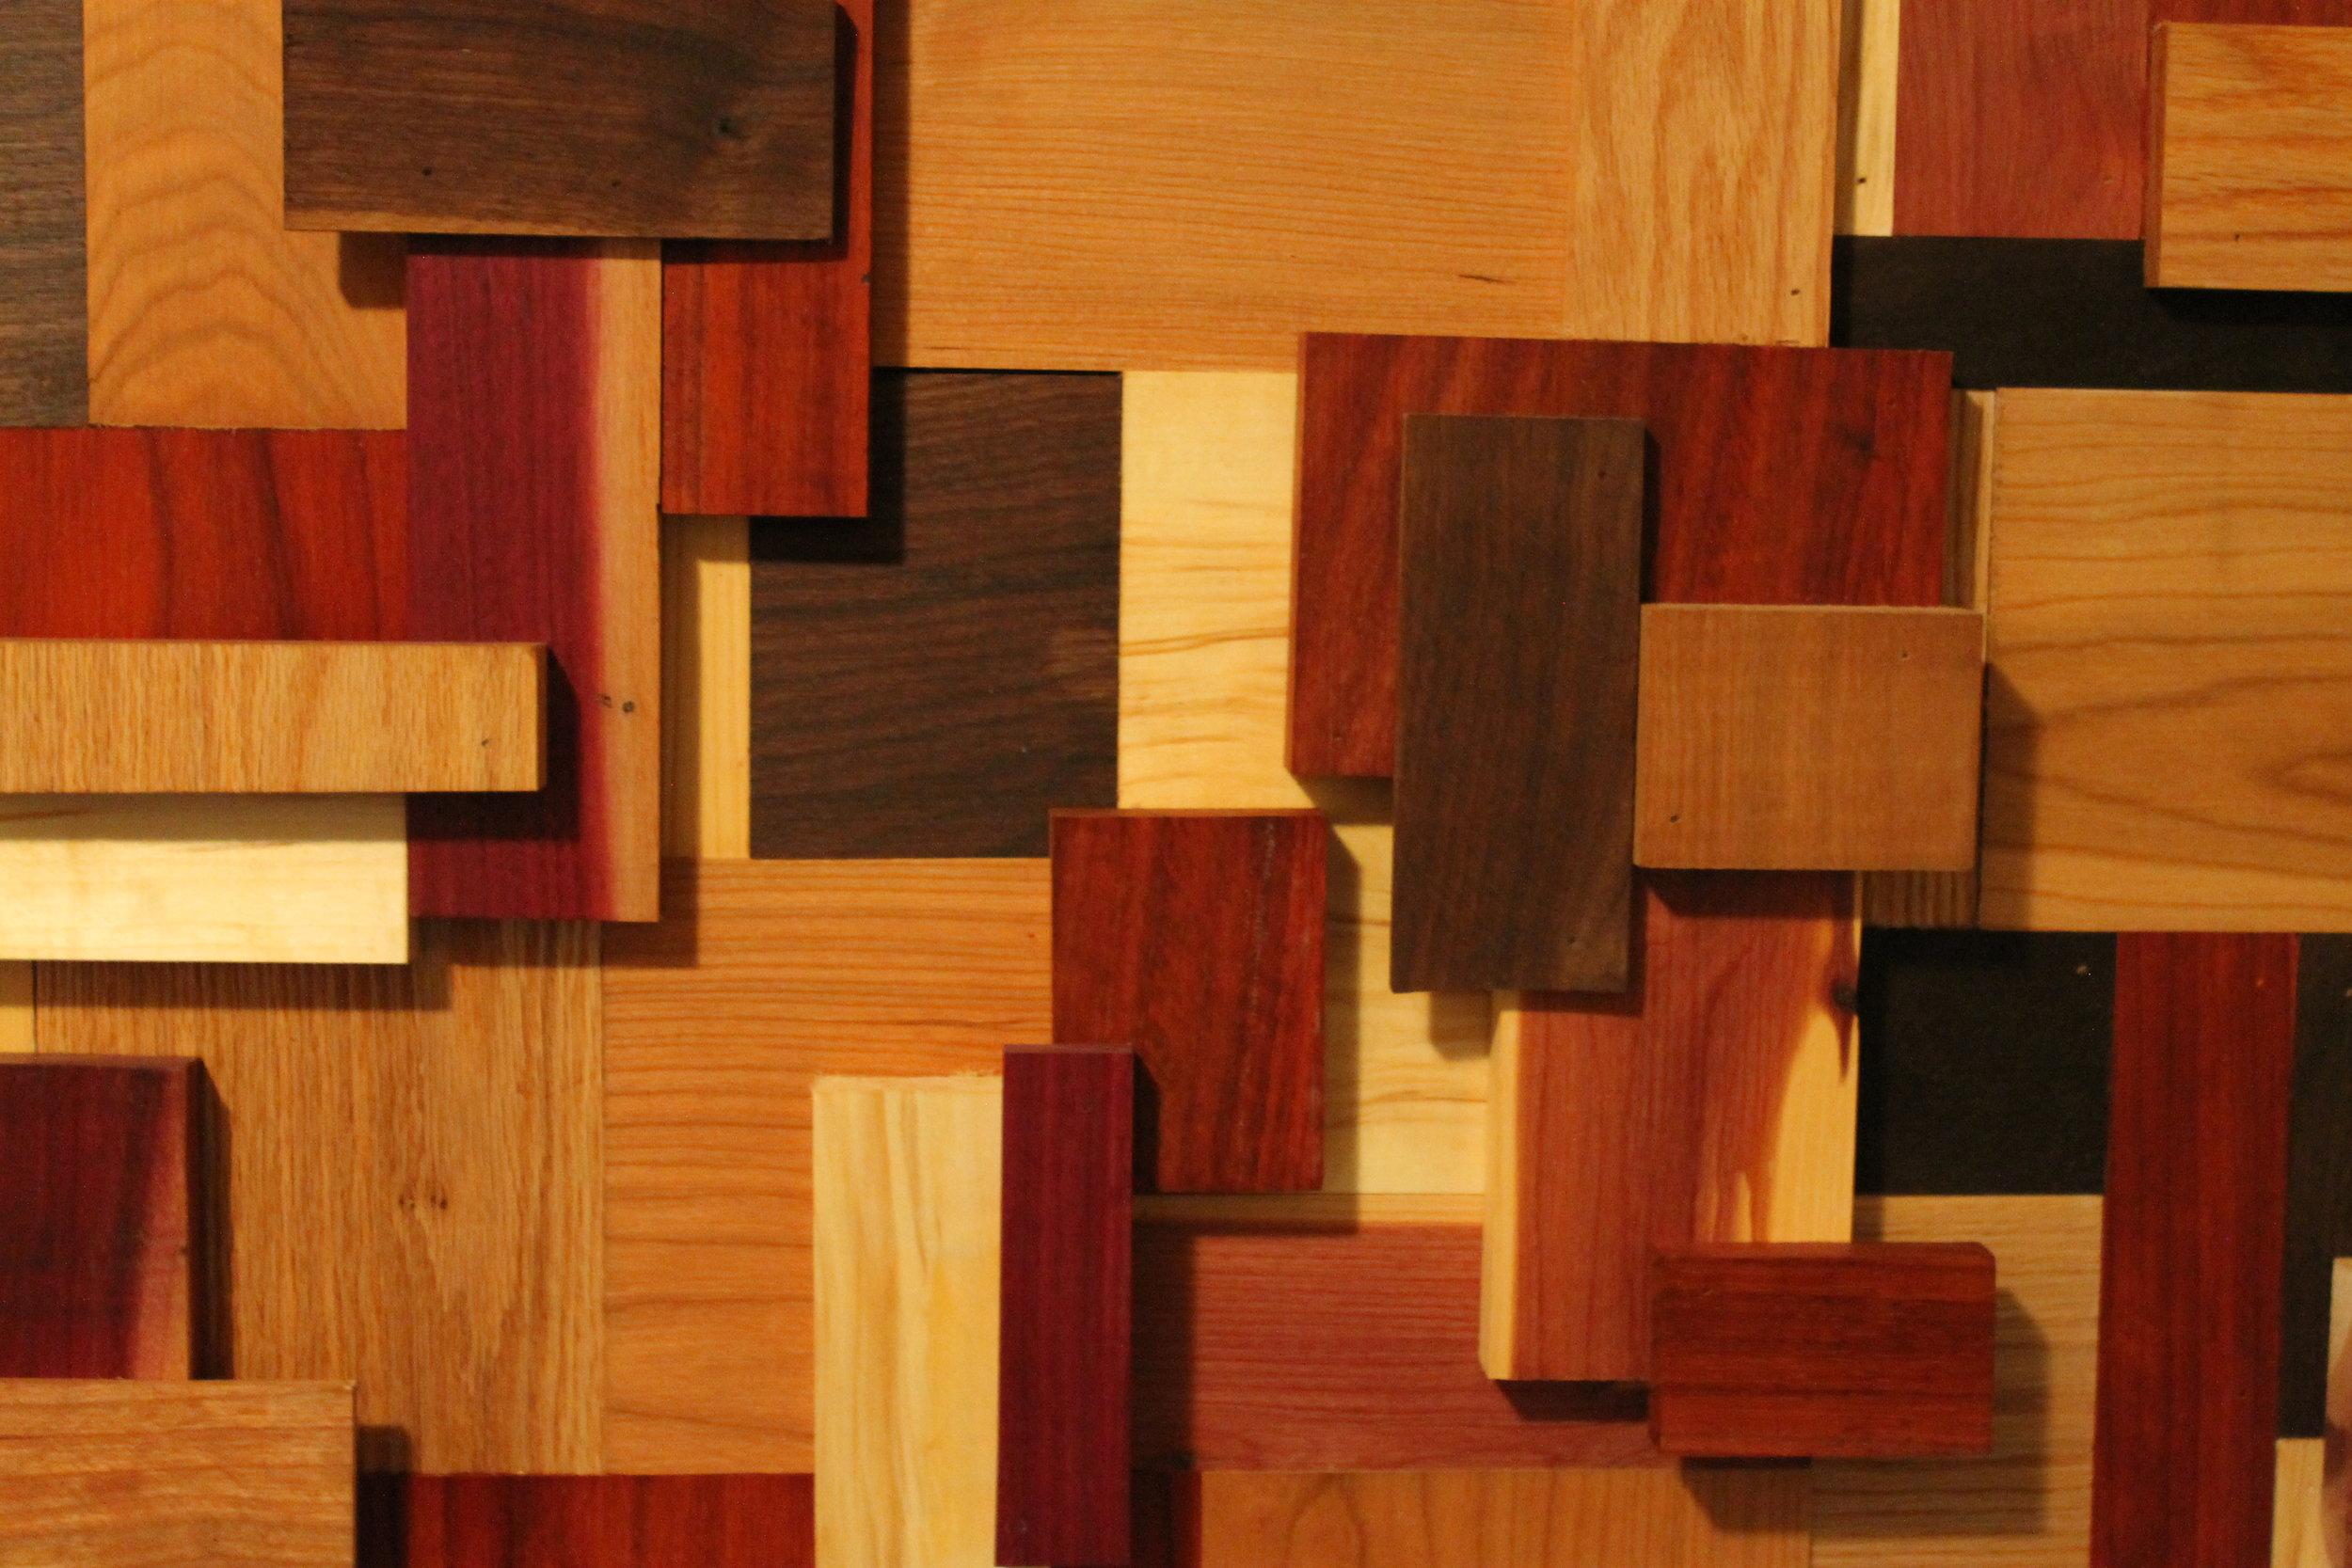 Scrapwood Headboard